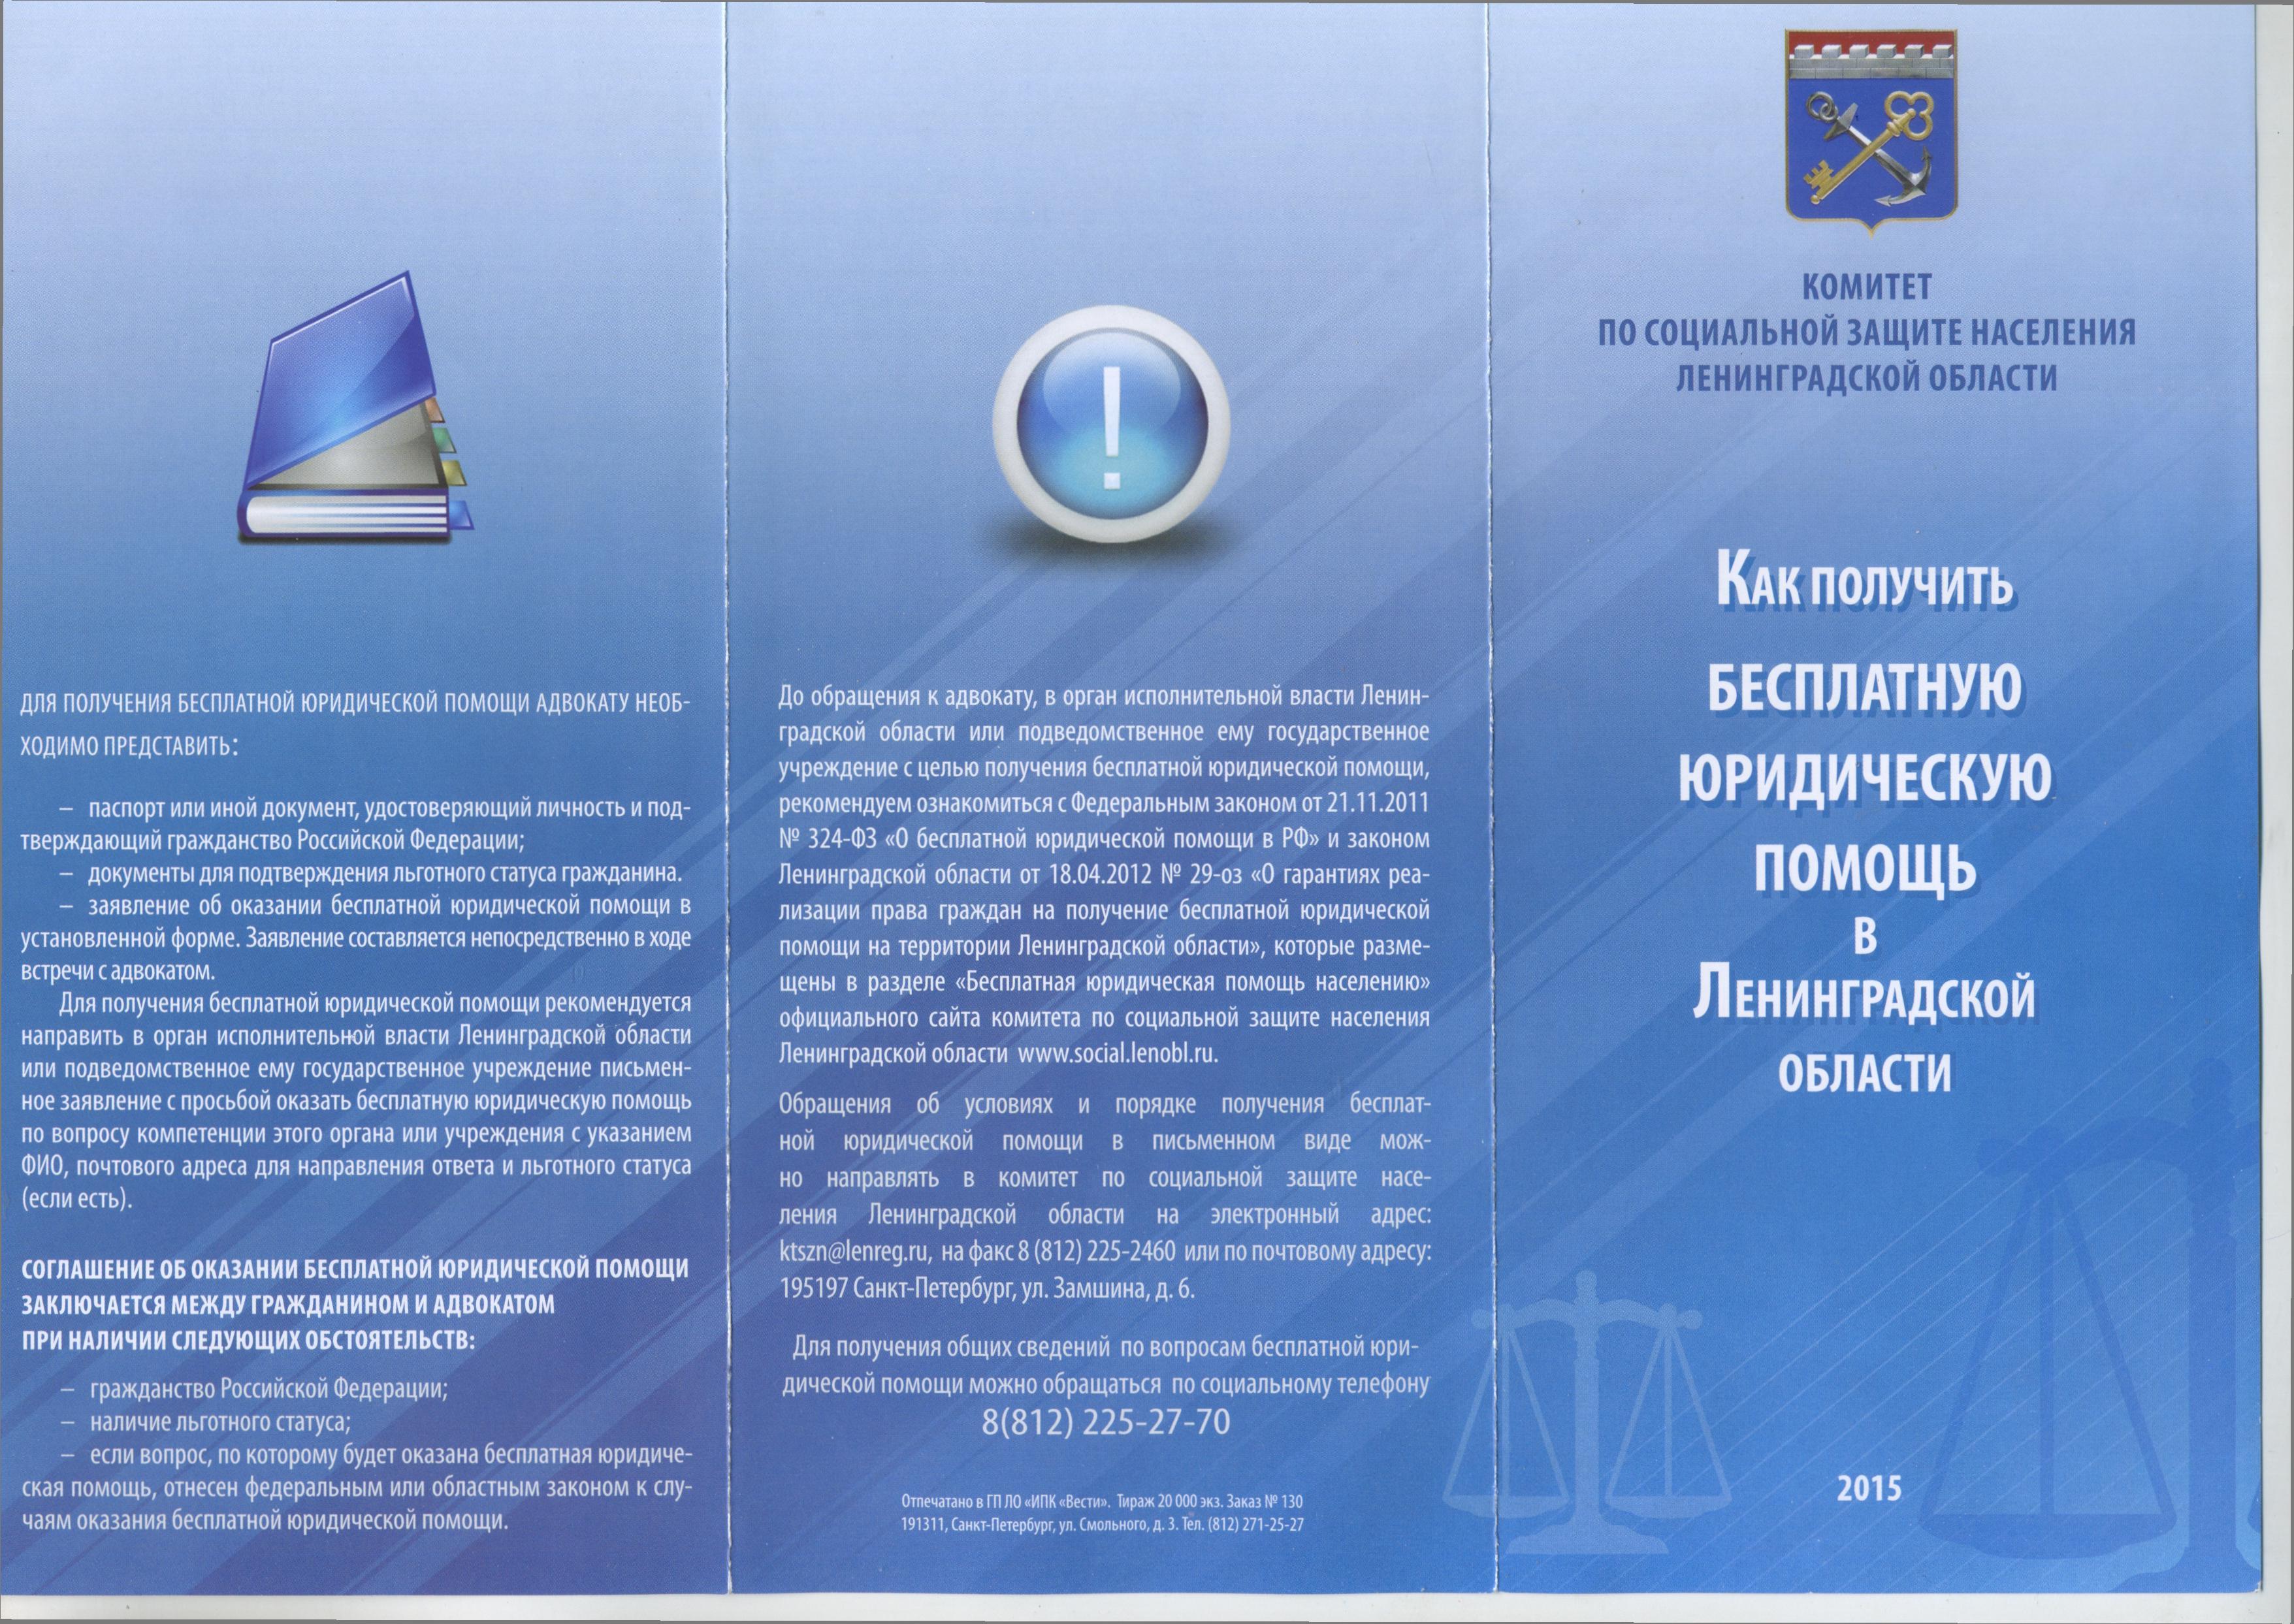 как получить бесплатную юридическую помощь в Ленинградской области - 0002